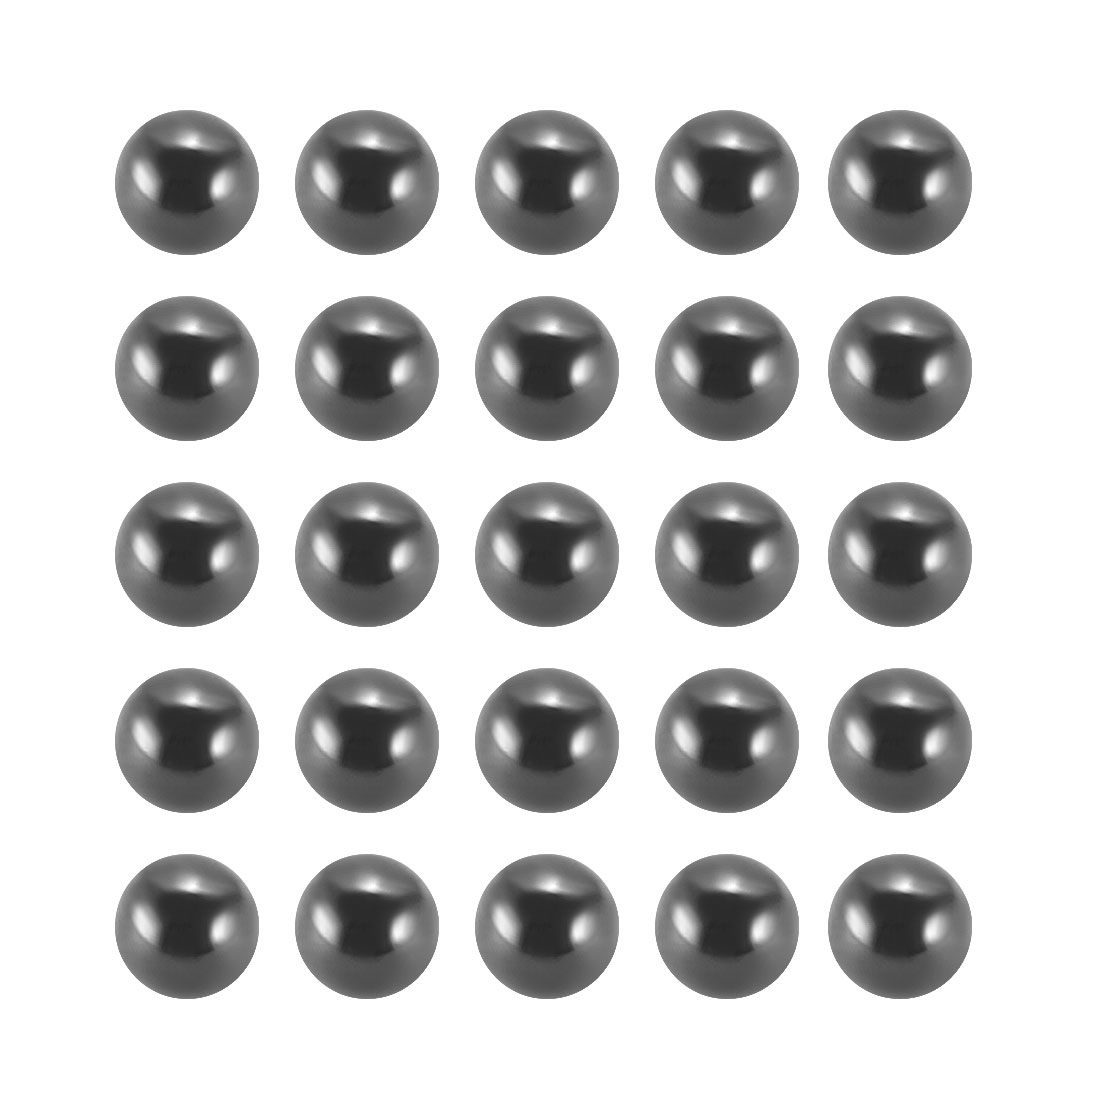 25 3//16 Silicon Nitride ceramic Si3N4 bearing balls